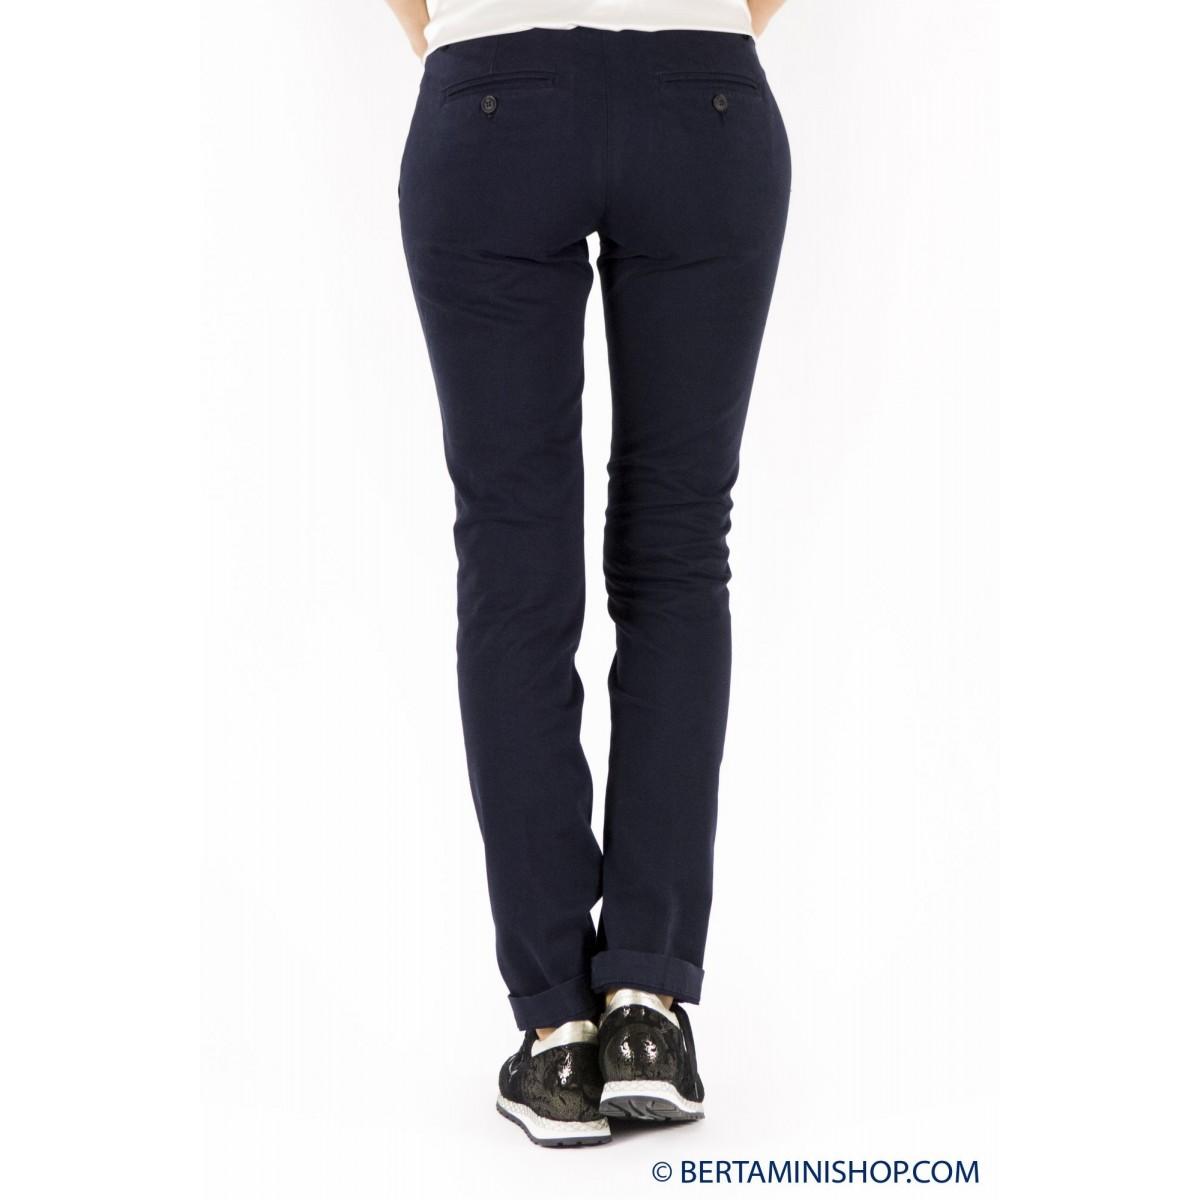 Pantalone donna Roy rogers - Roxane raso elasticizzato 001 - blu